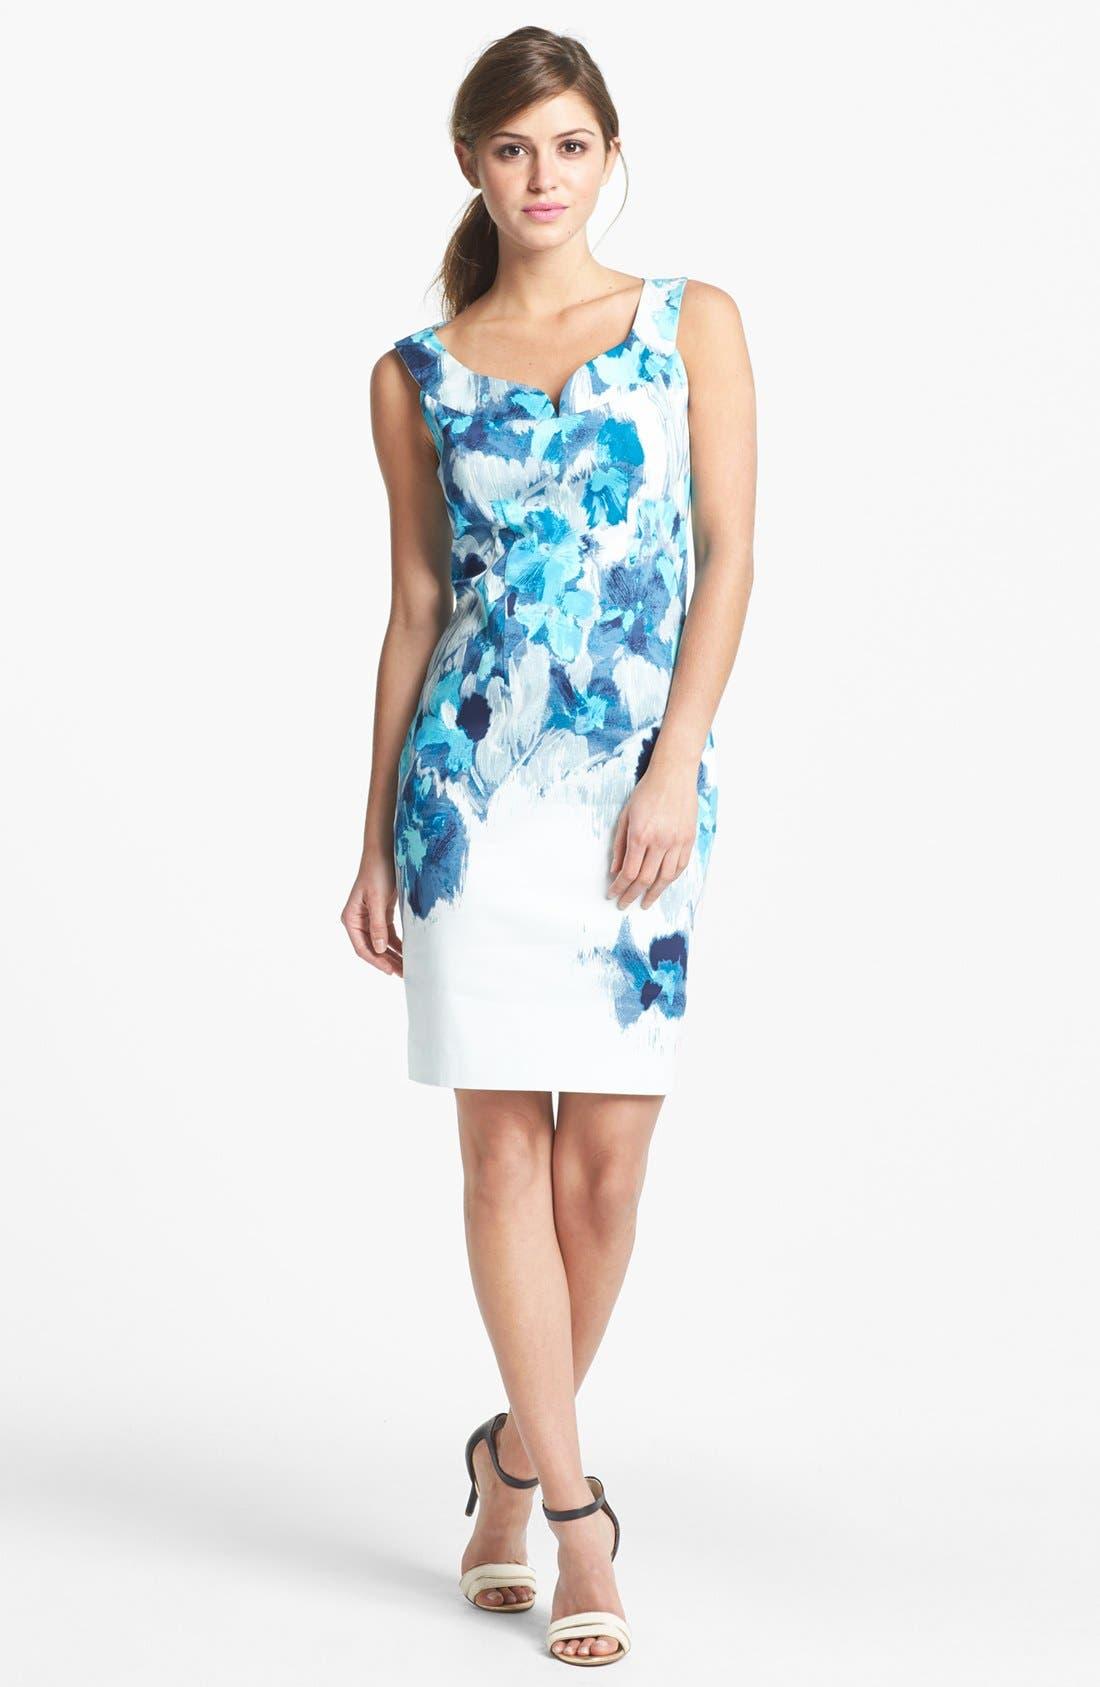 Alternate Image 1 Selected - T Tahari 'Indiana' Dress (Petite)